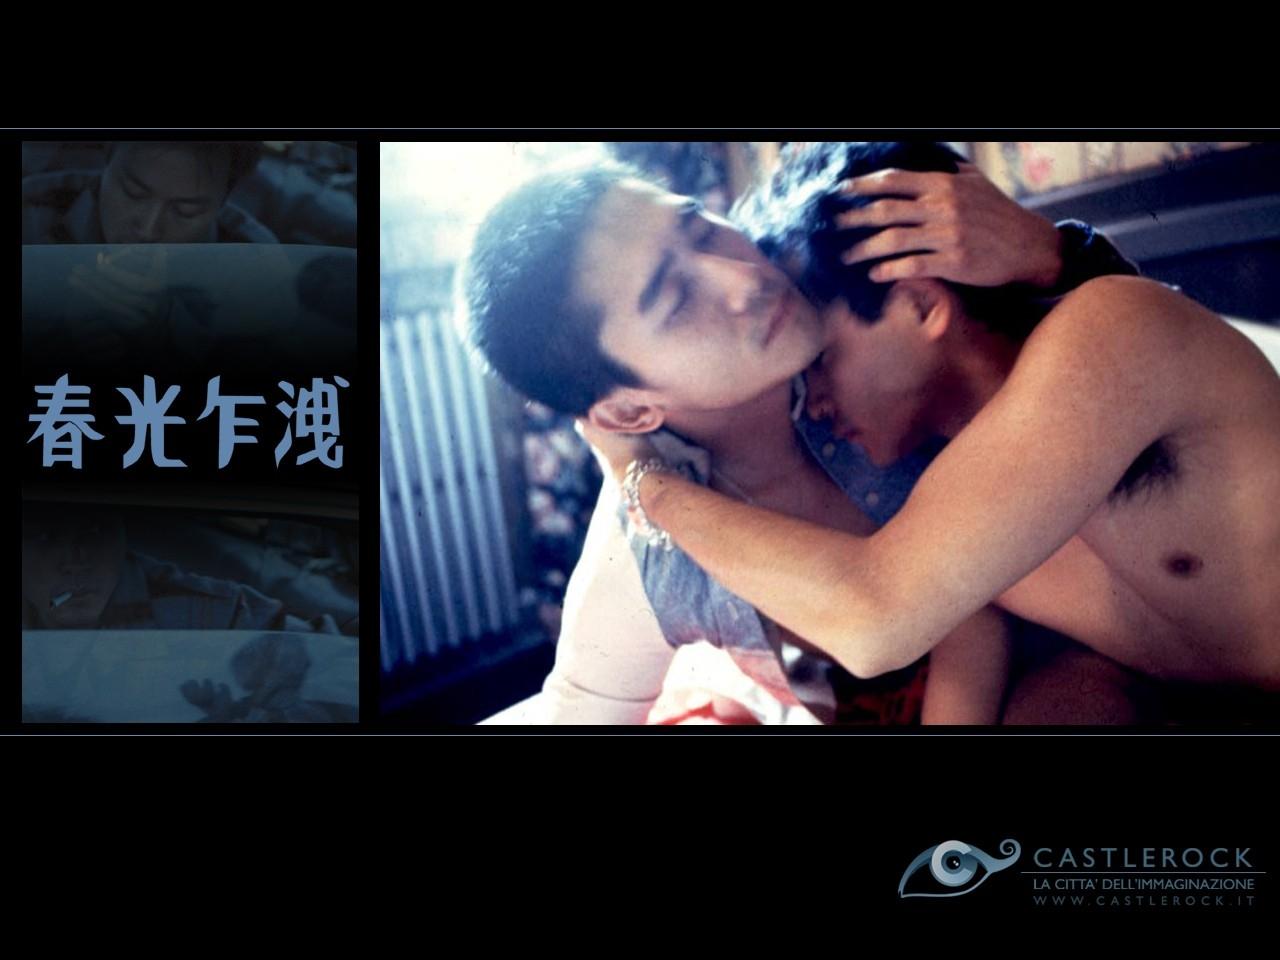 Wallpaper dei due protagonisti del film Happy Together